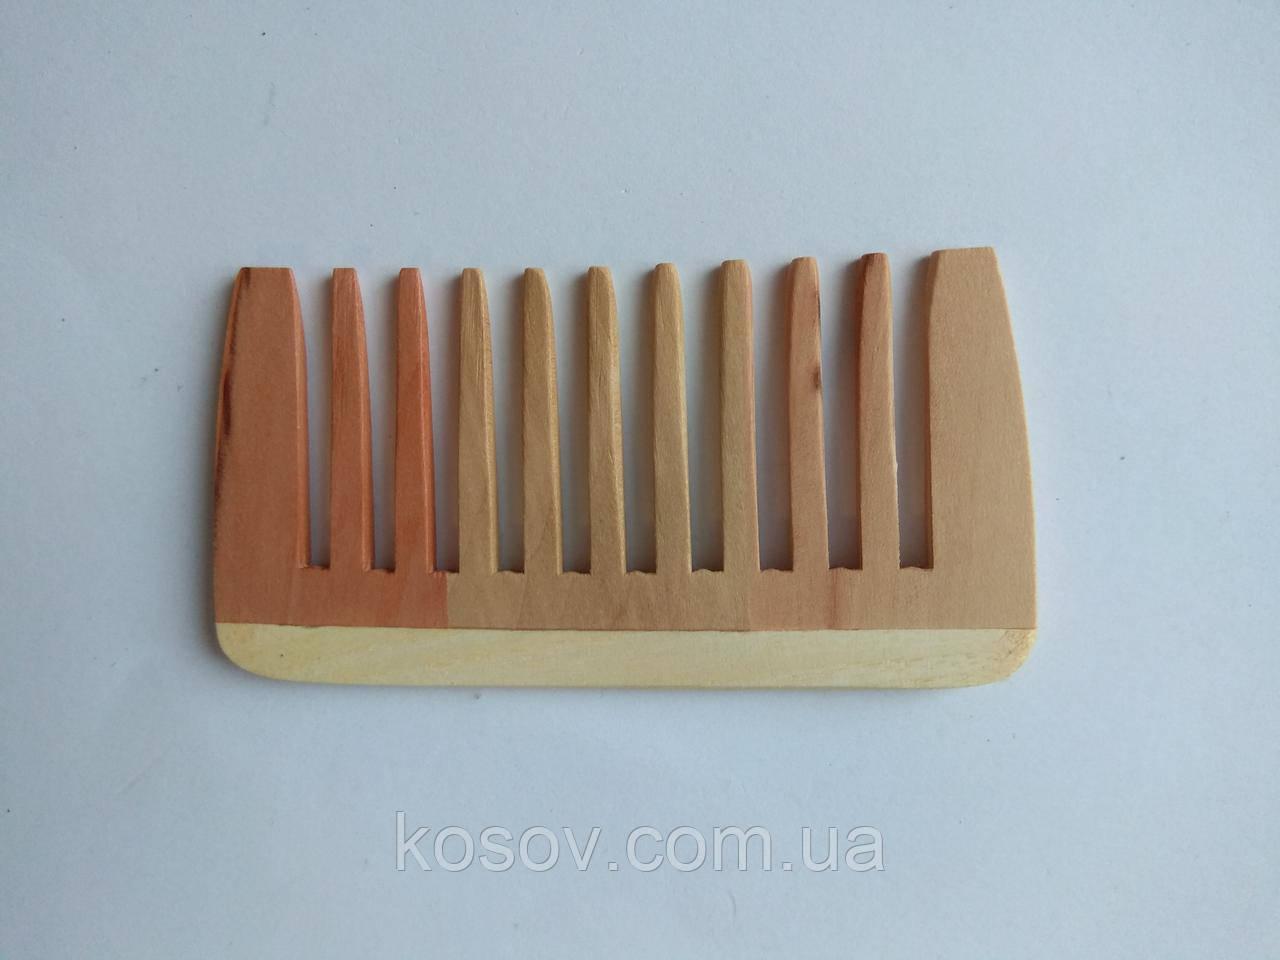 Деревянная расческа 10х5см (прямая), фото 1